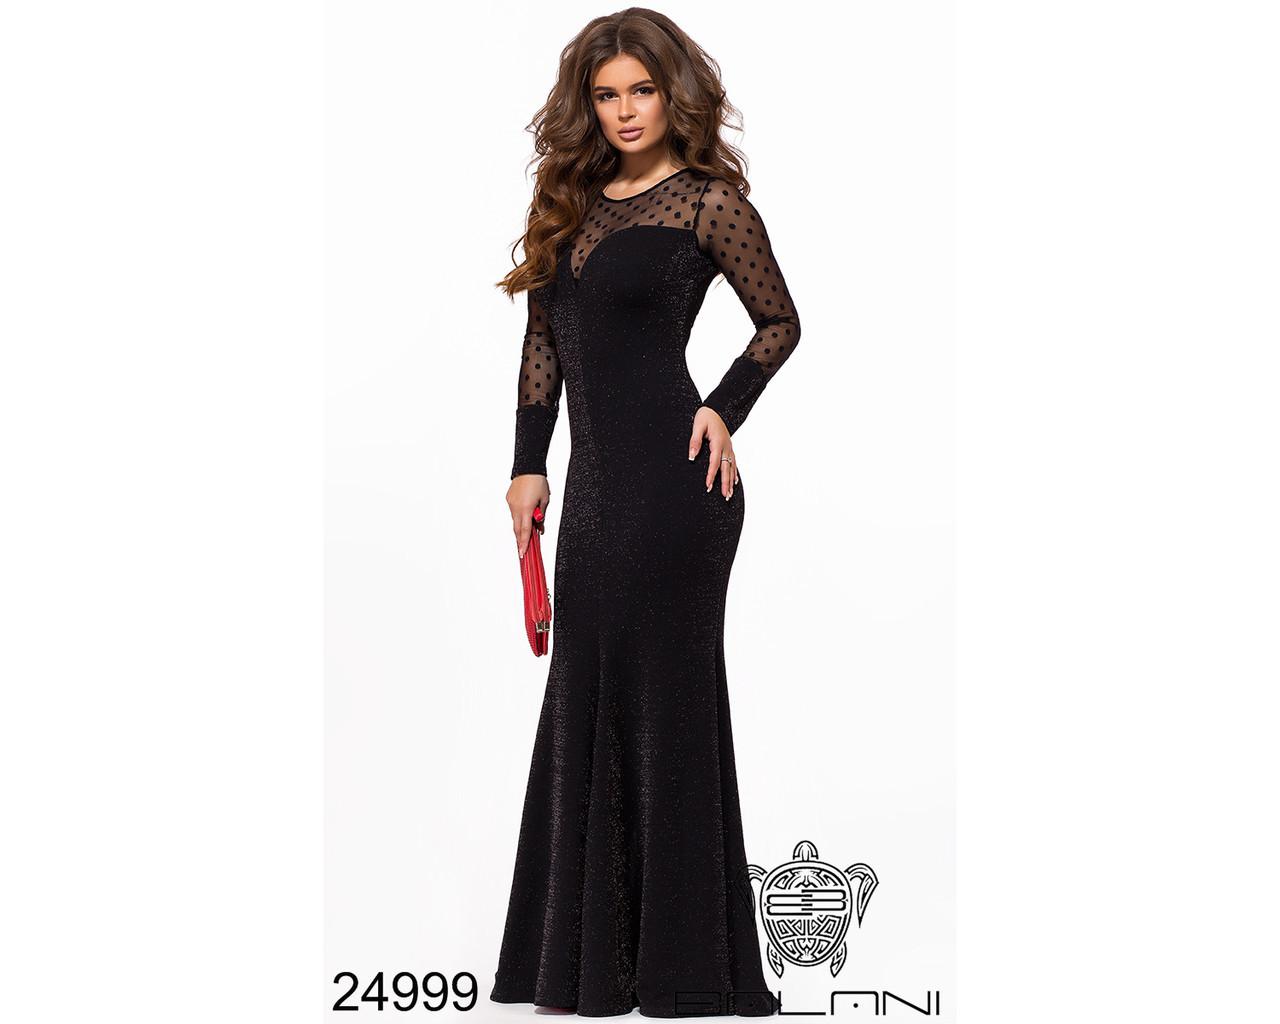 398161807c8 Черное длинное вечернее платье в пол женское с длинным рукавом - Интернет- магазин mir-